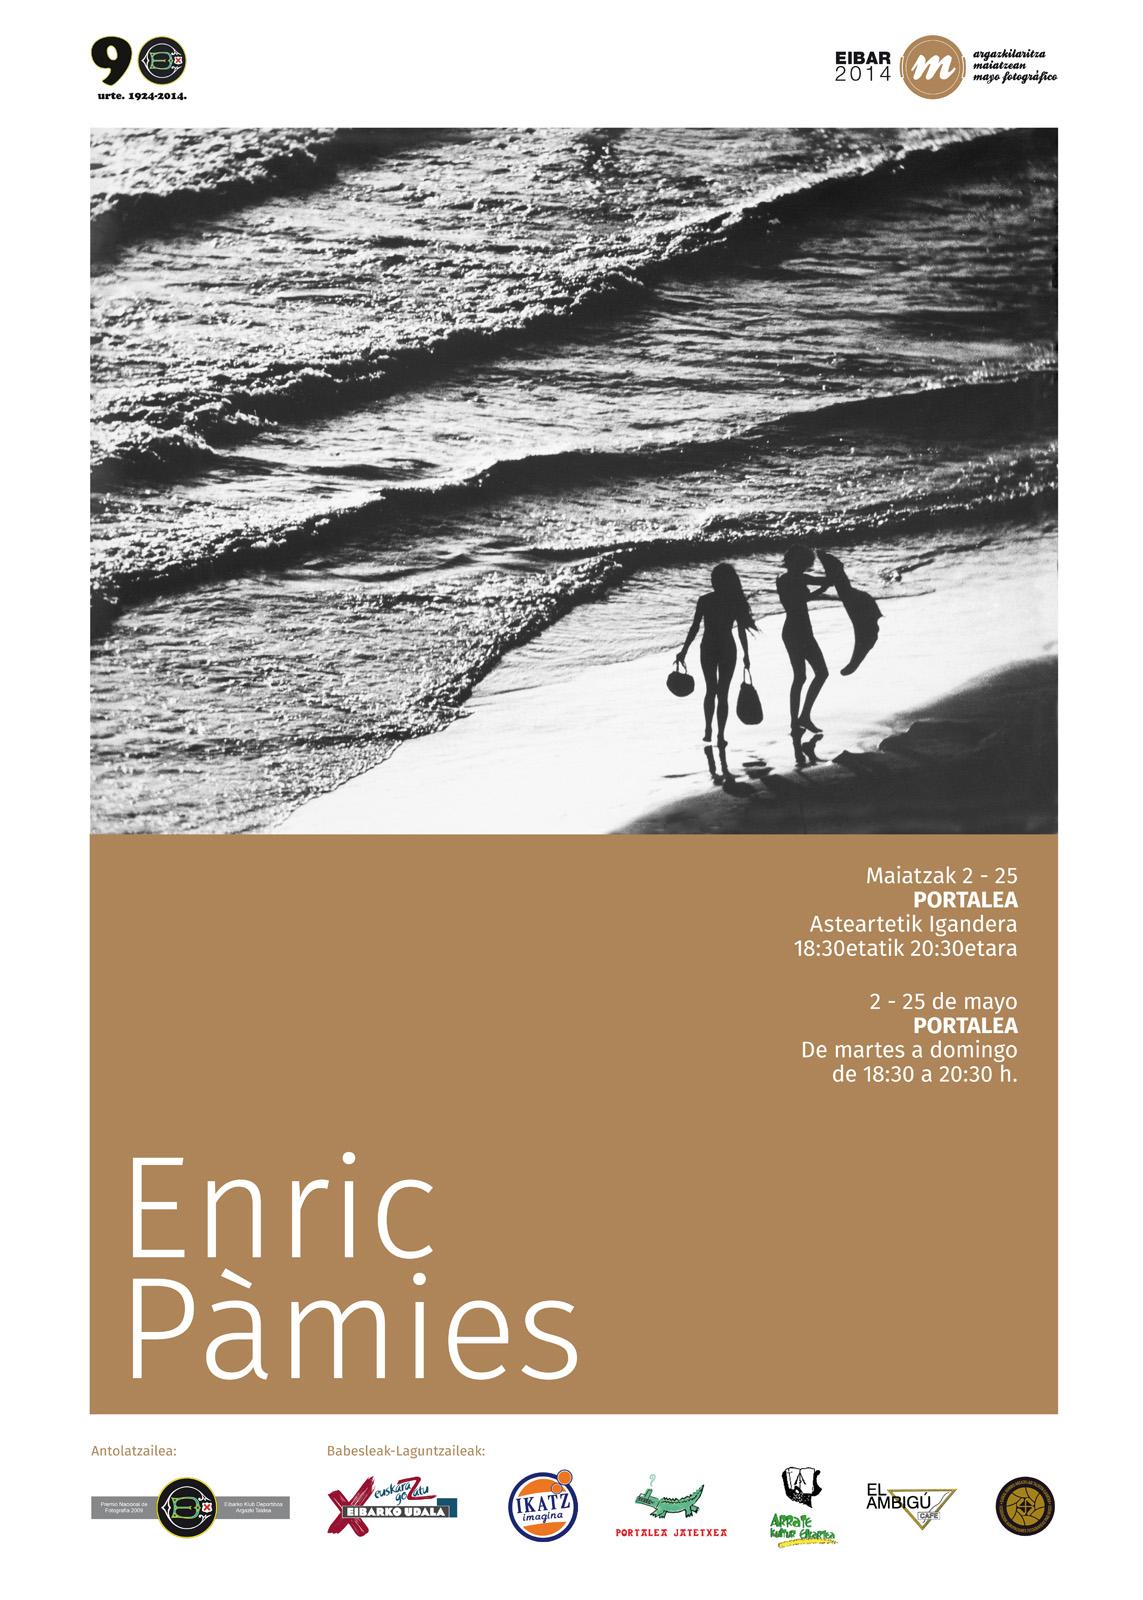 Cartel ENRIC PÀMIES